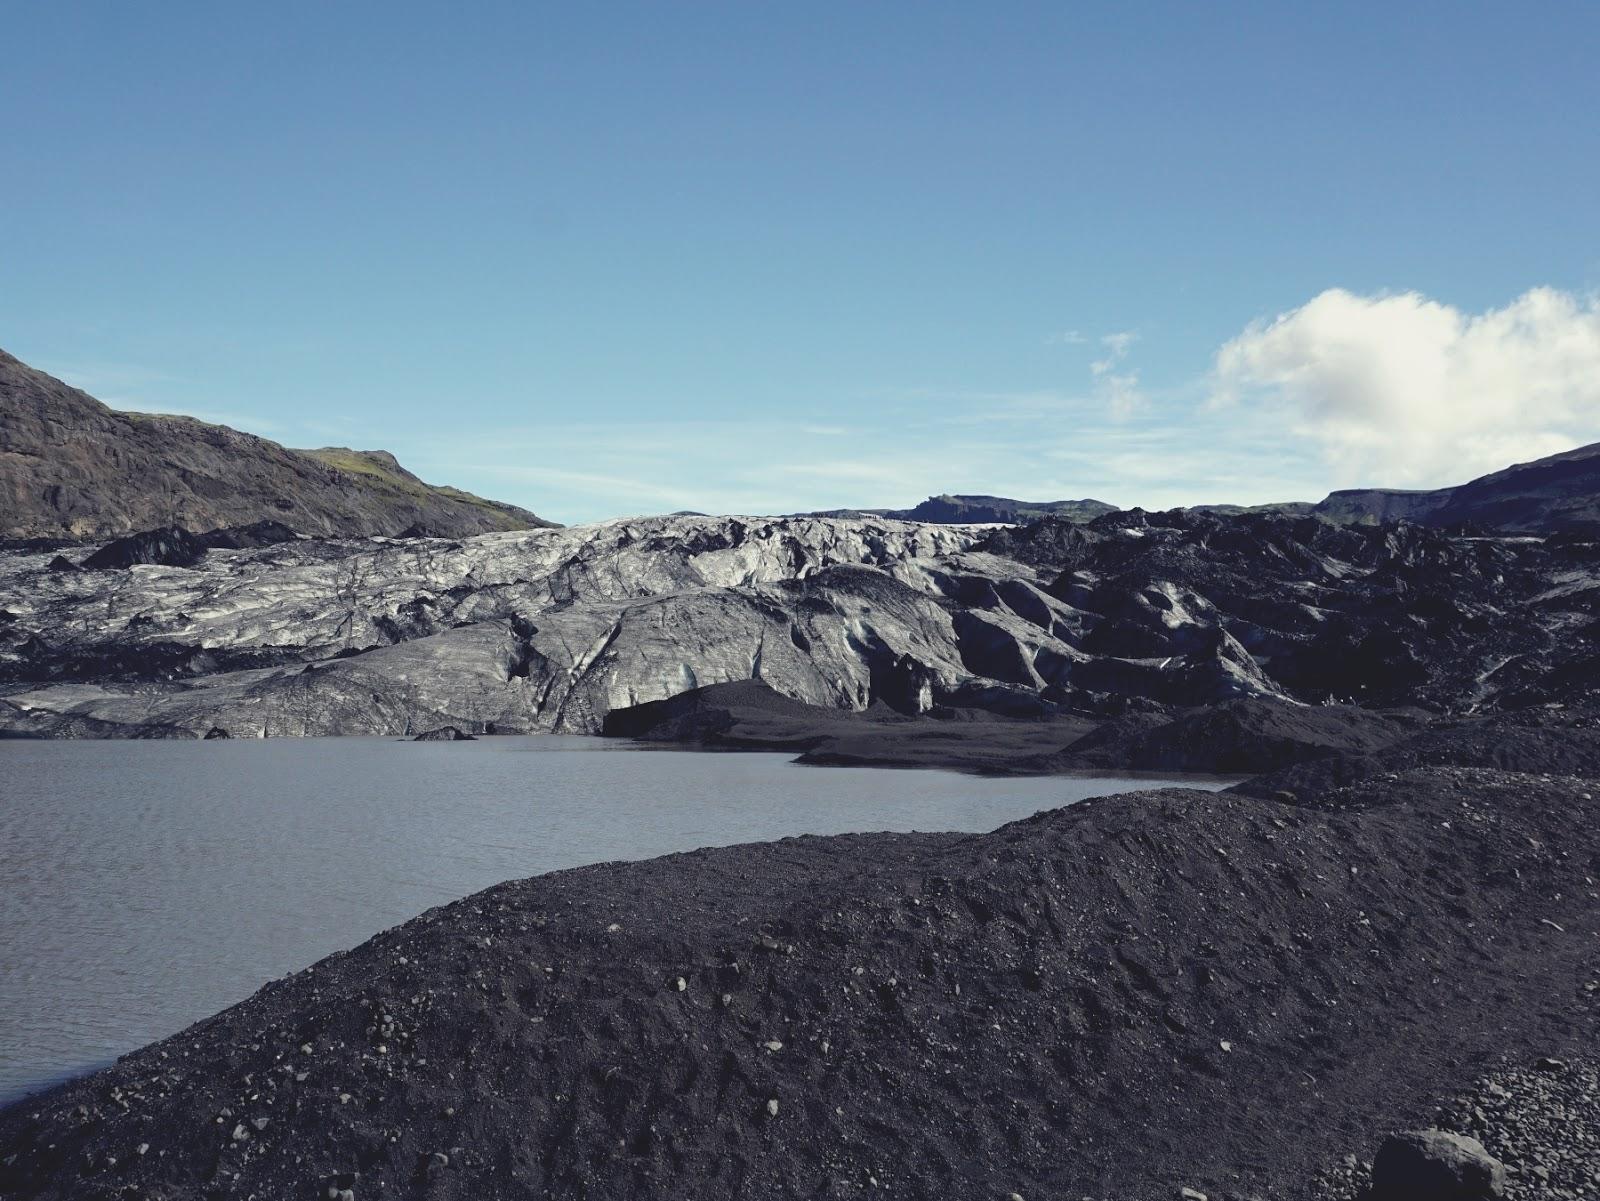 Lodowiec Solheimajokull, lodowiec, Myrdalsjokull, Islandia, południowa Islandia, zwiedzanie Islandii, panidorcia, Pani Dorcia blog, blog o Islandii, co zwiedzić w Islandii